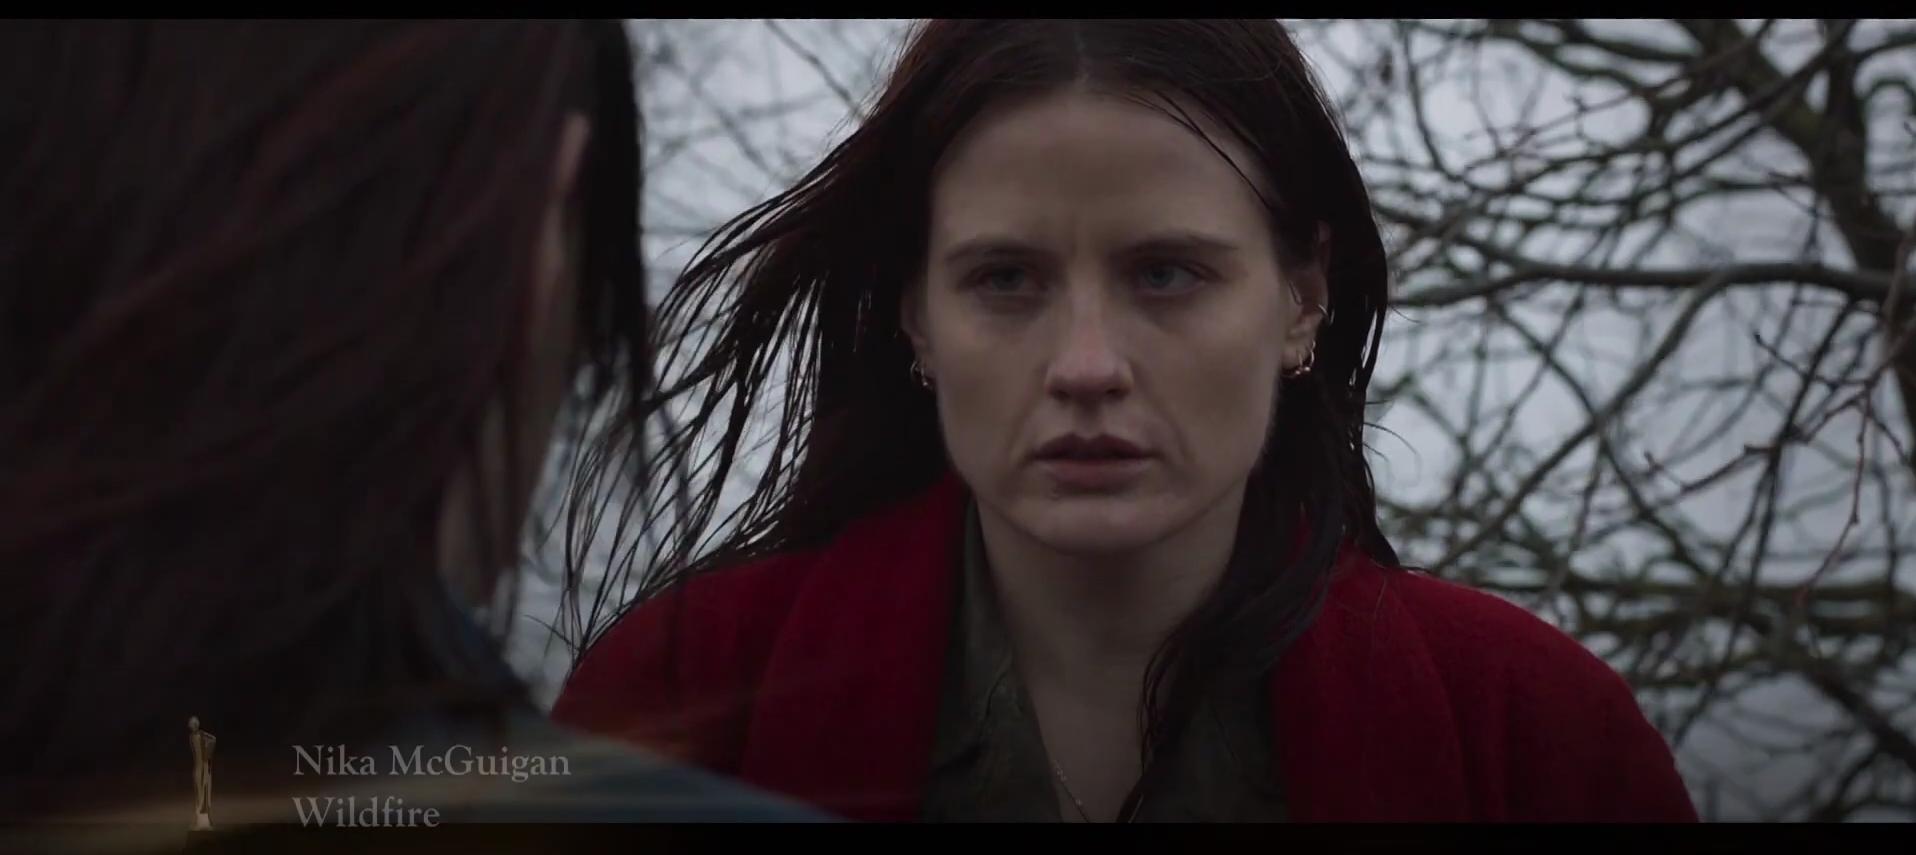 Nika McGuigan 'Wildfire' Winner Best Actress Film